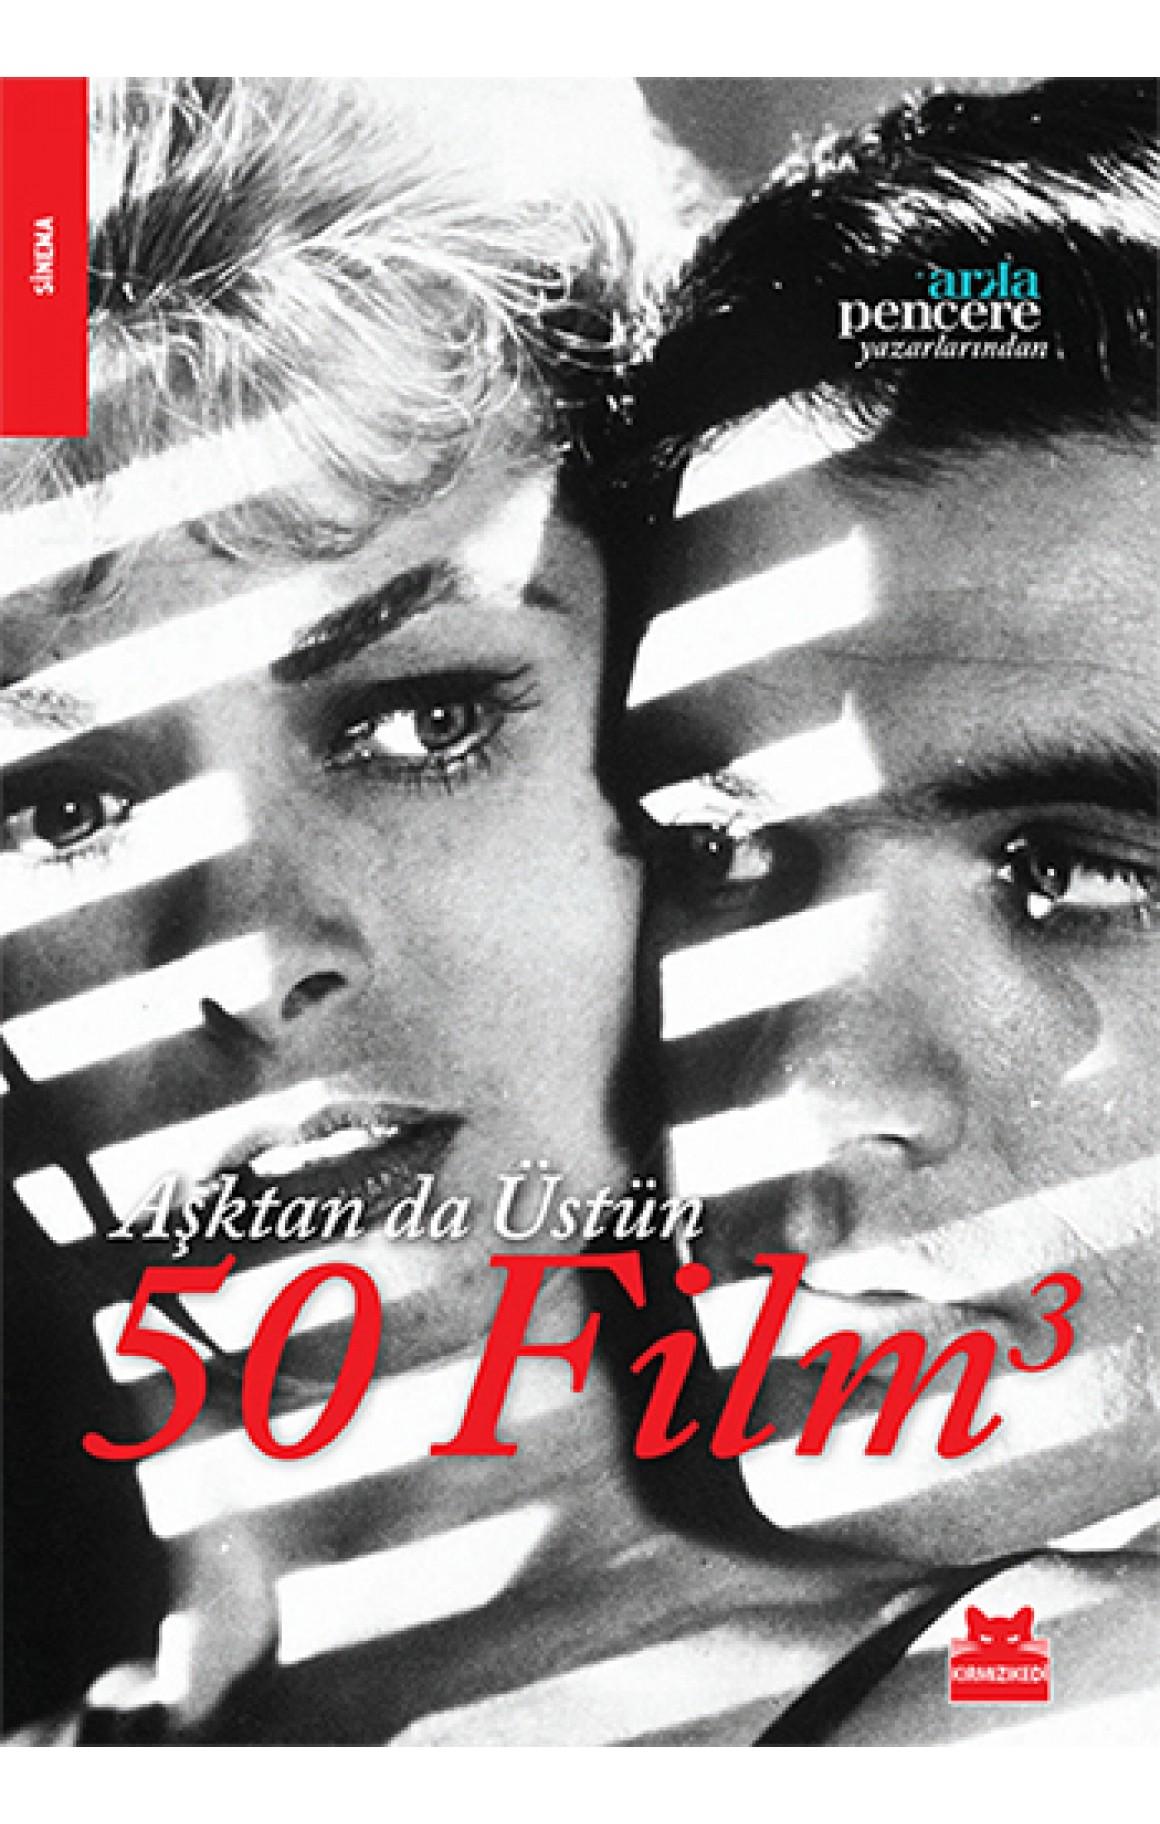 Aşktan da Üstün 50 Film - 3